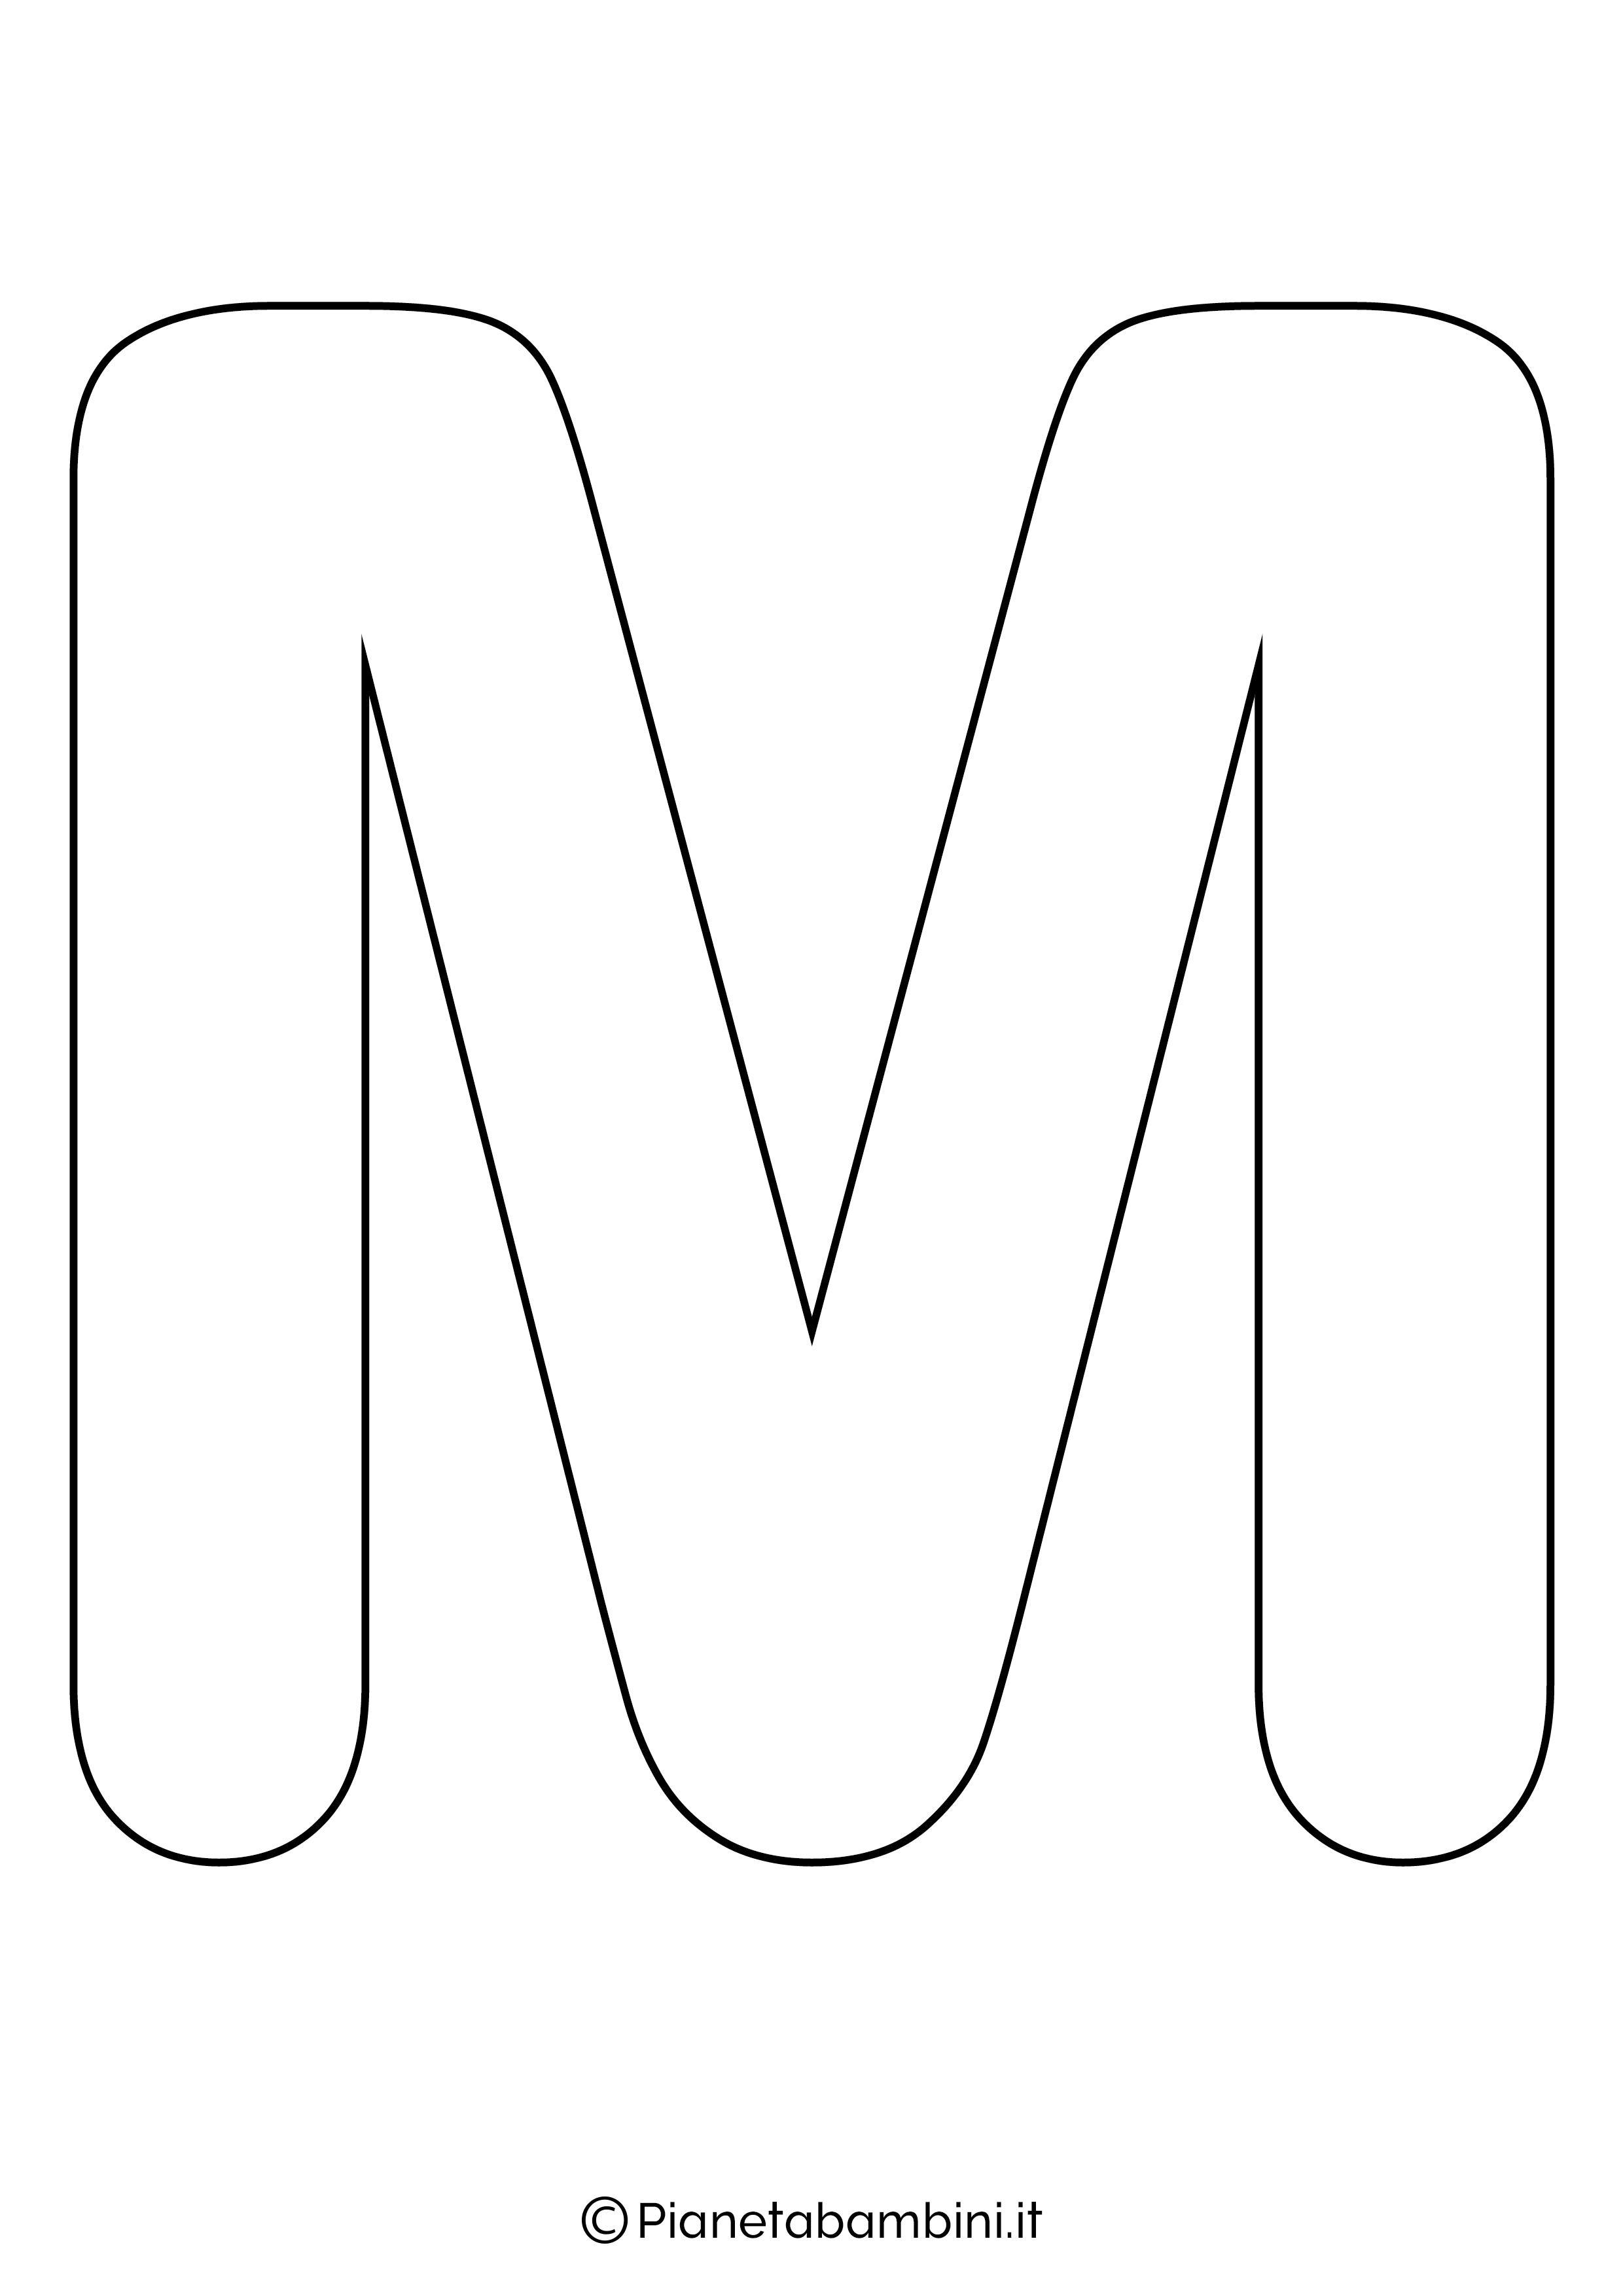 Lettera M maiuscola da stampare